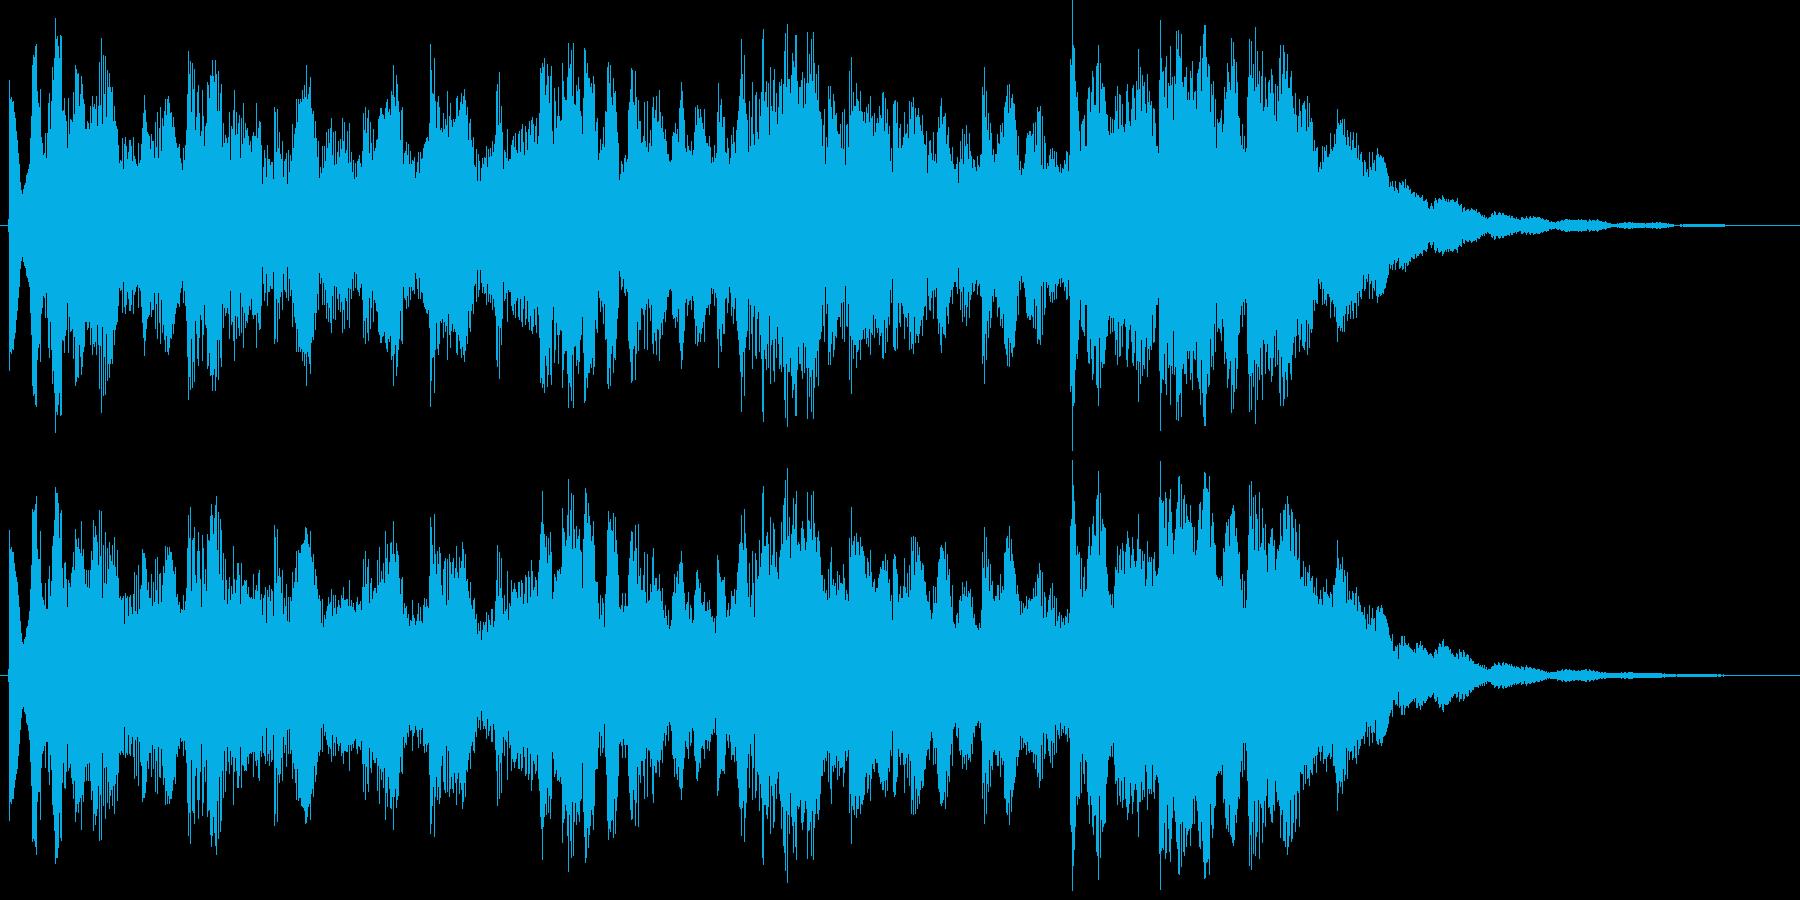 リズムカルなメロディジングルの再生済みの波形